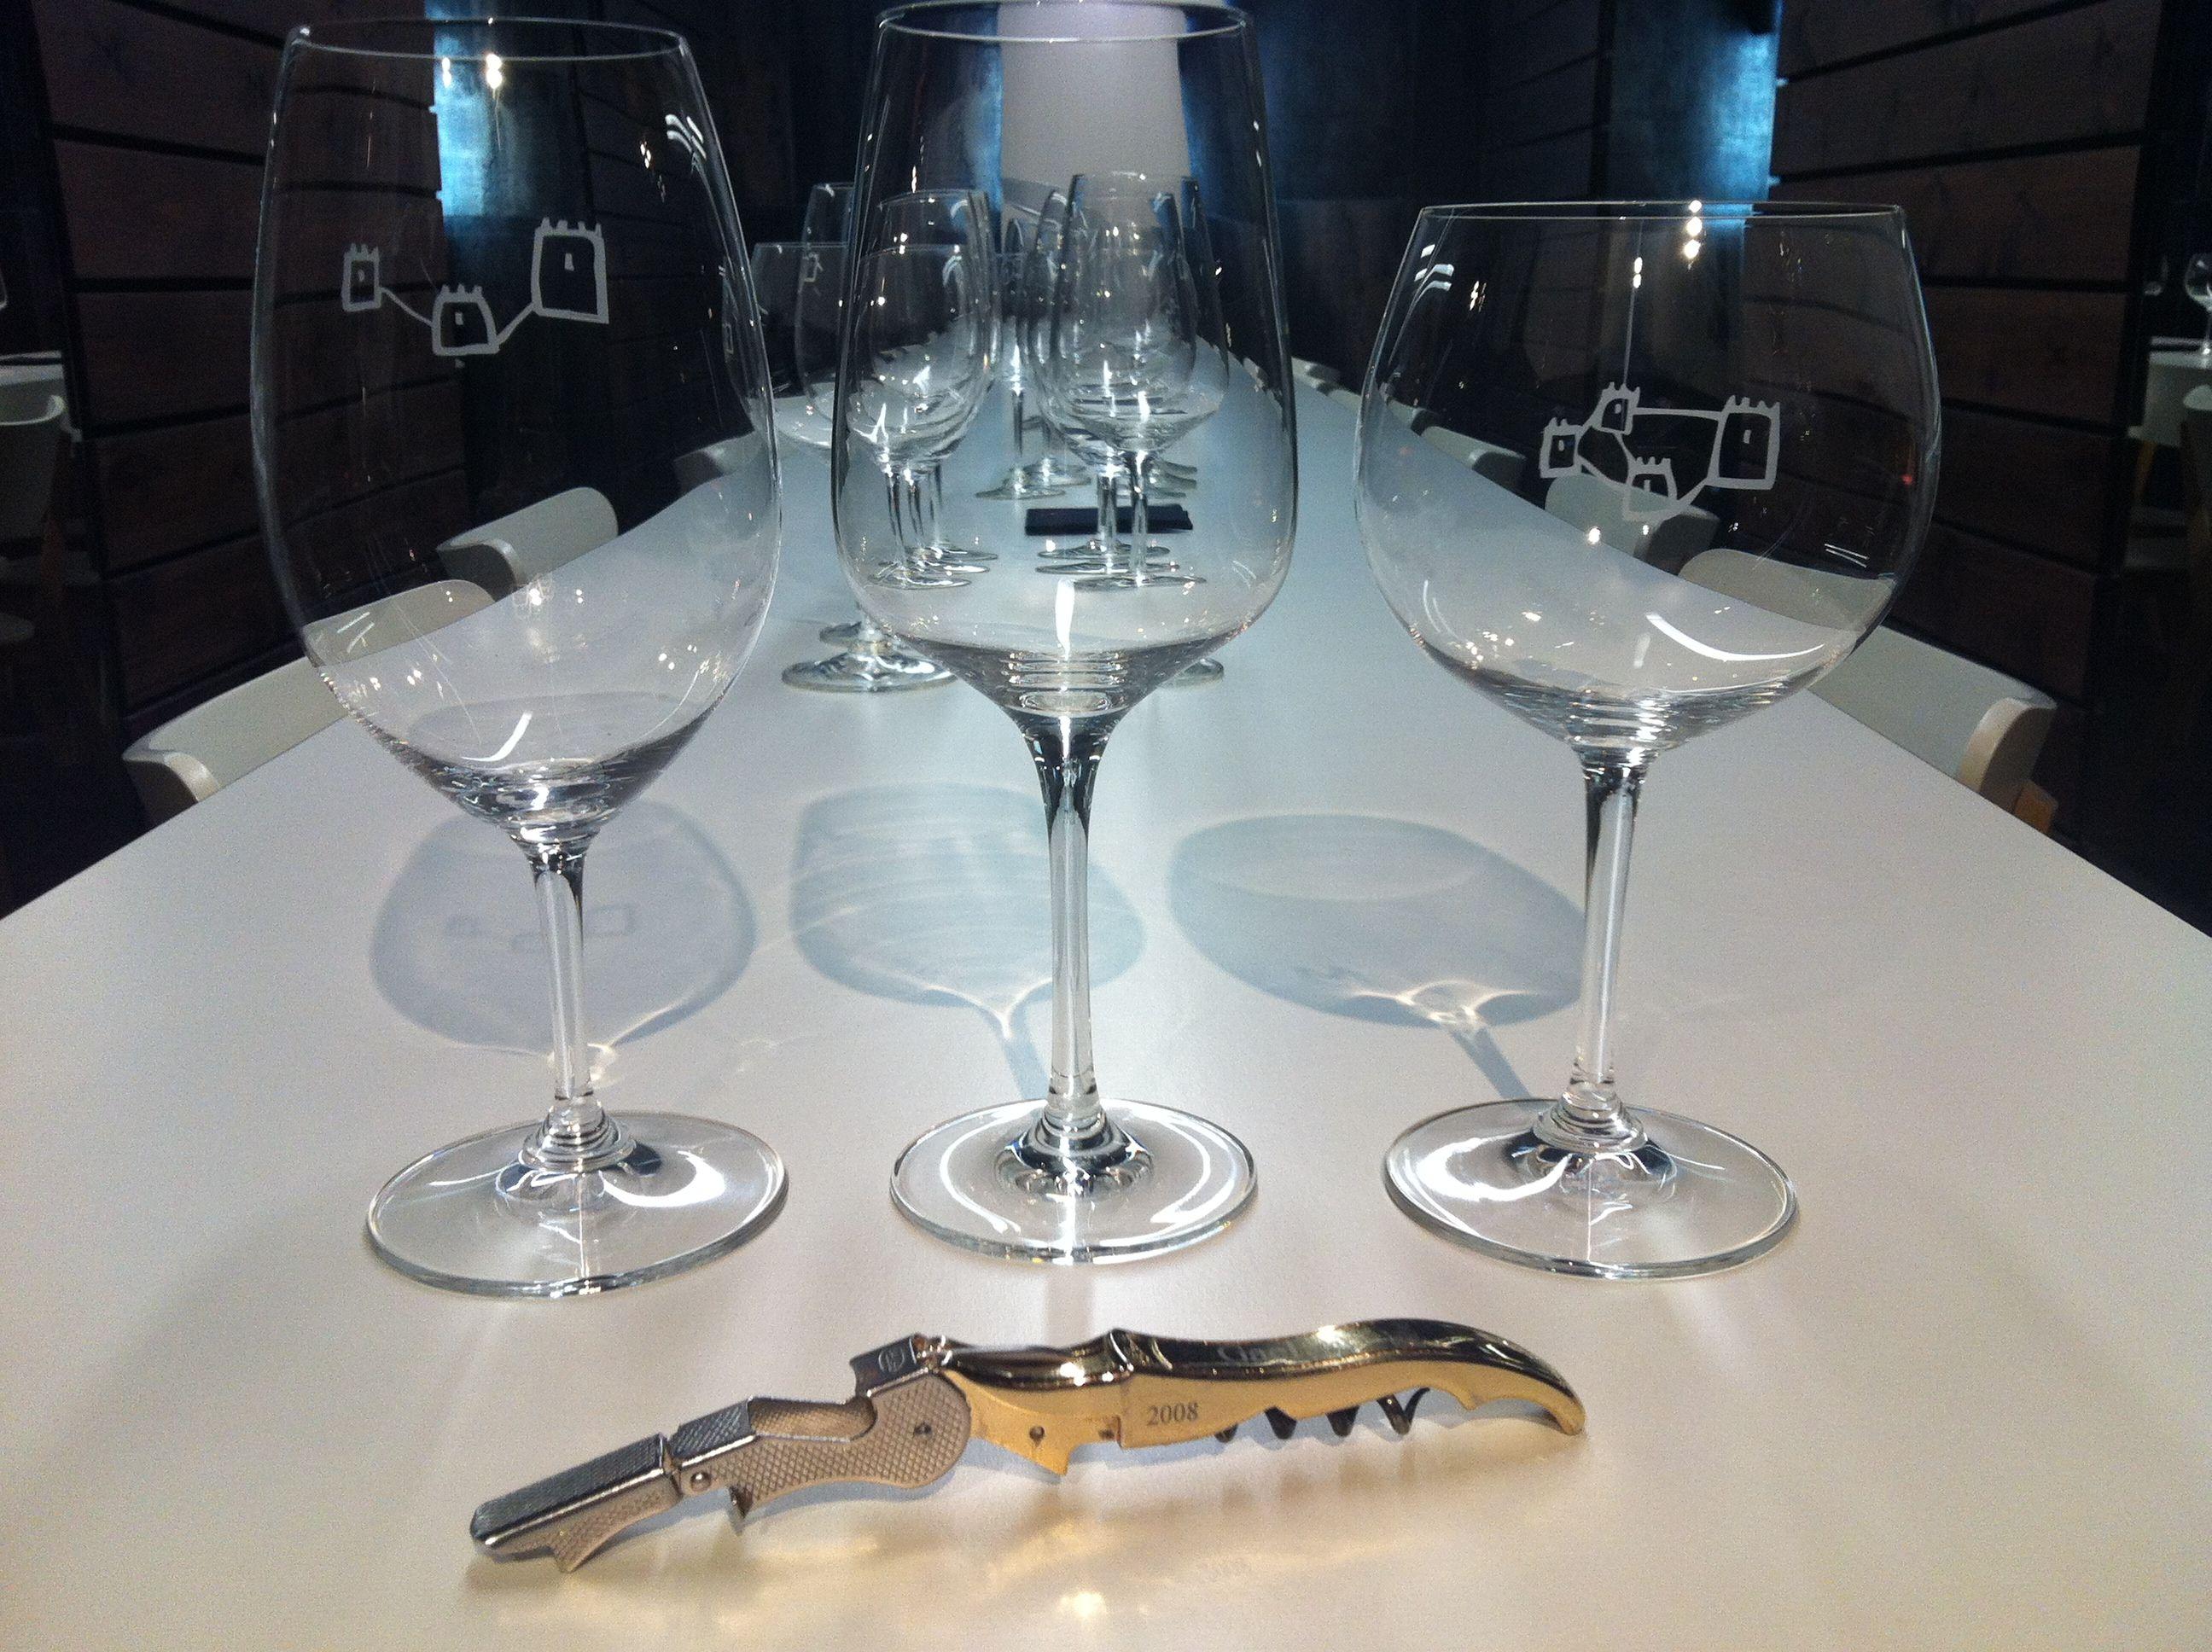 Catas de vinos en Barcelona.  Espai clos Mont-Blanc Barcelona.  www.catasalacarta.com  facebook.com/catasalacarta